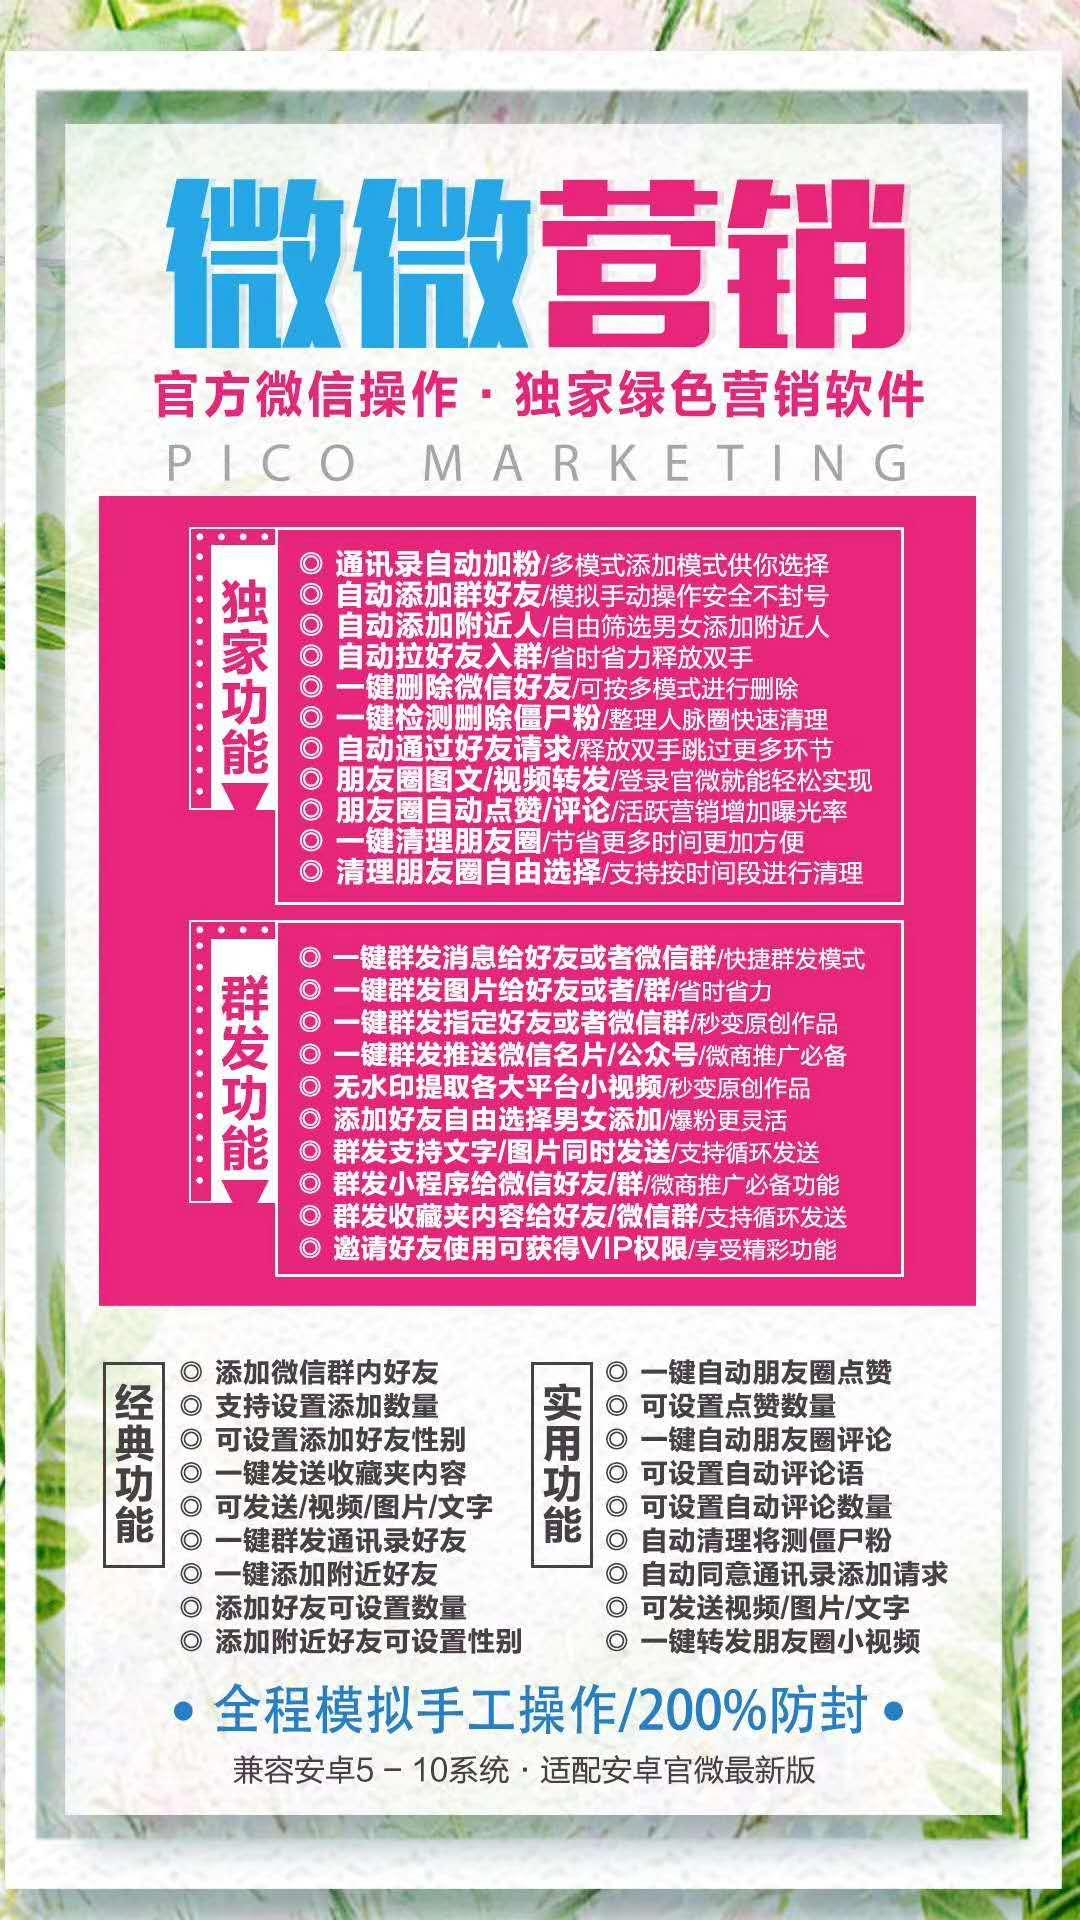 【微微营销激活码】使用教程图安卓辅助类微信营销软件